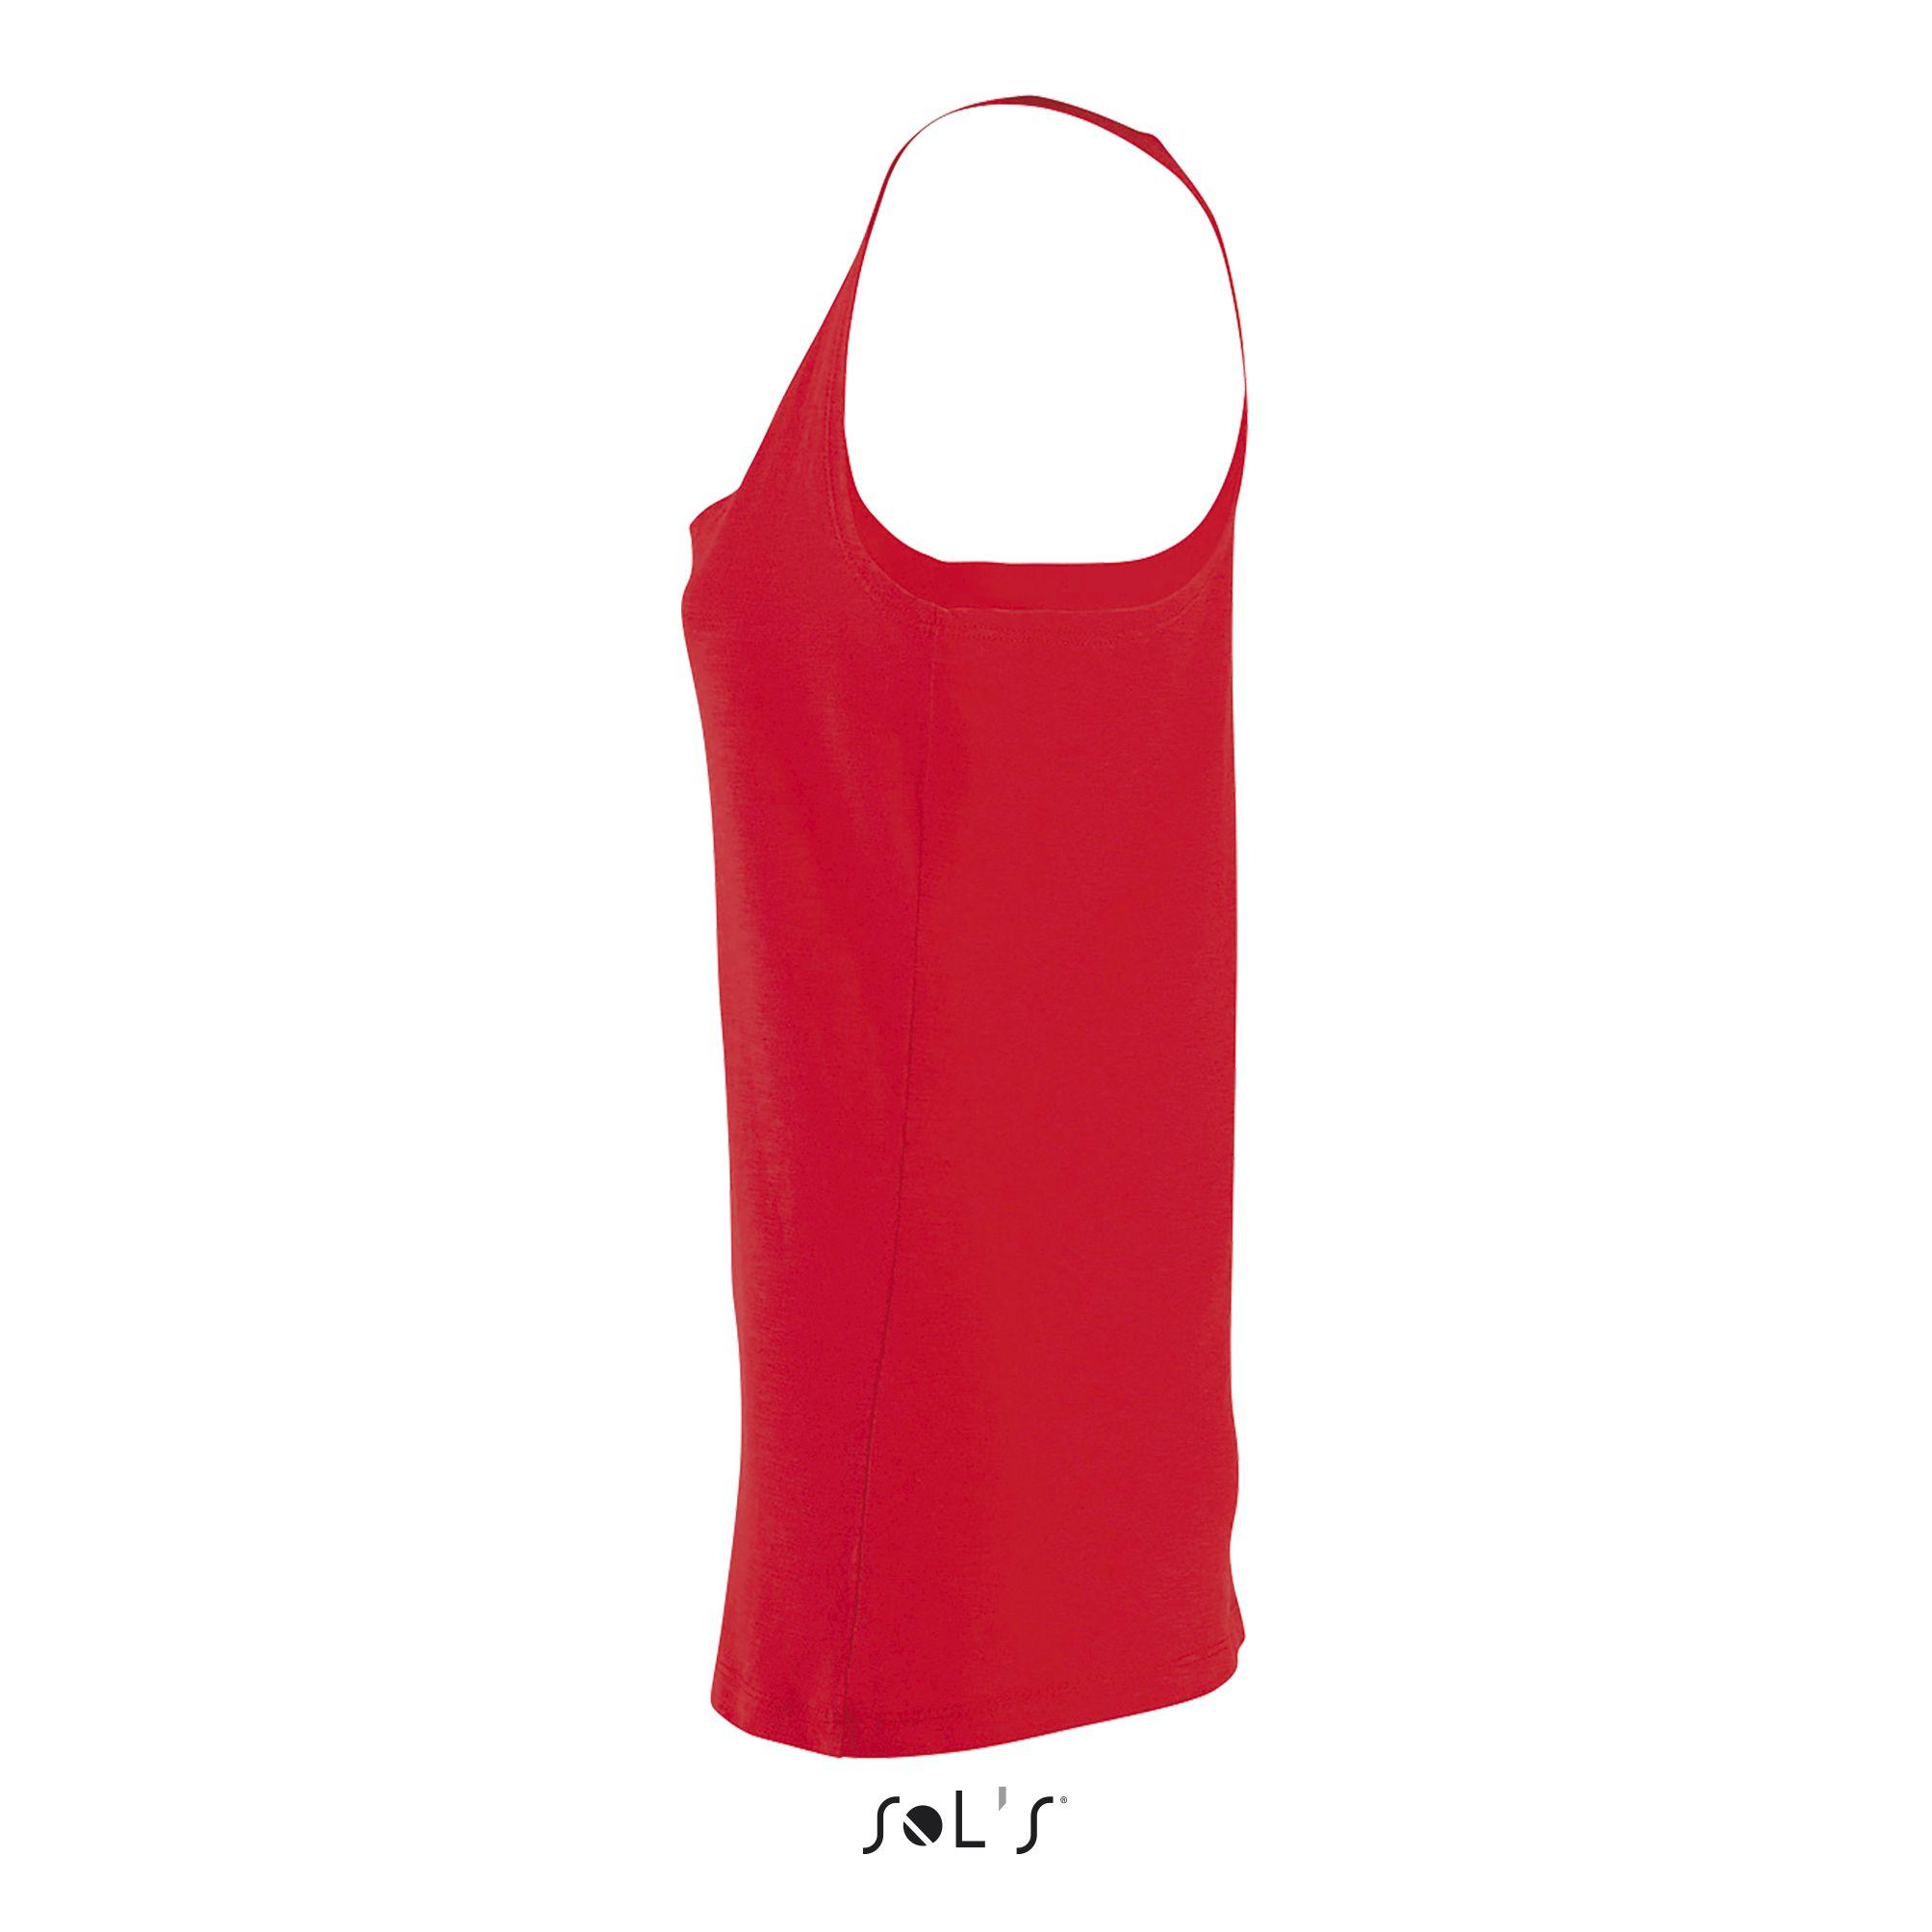 165 - Poppy red